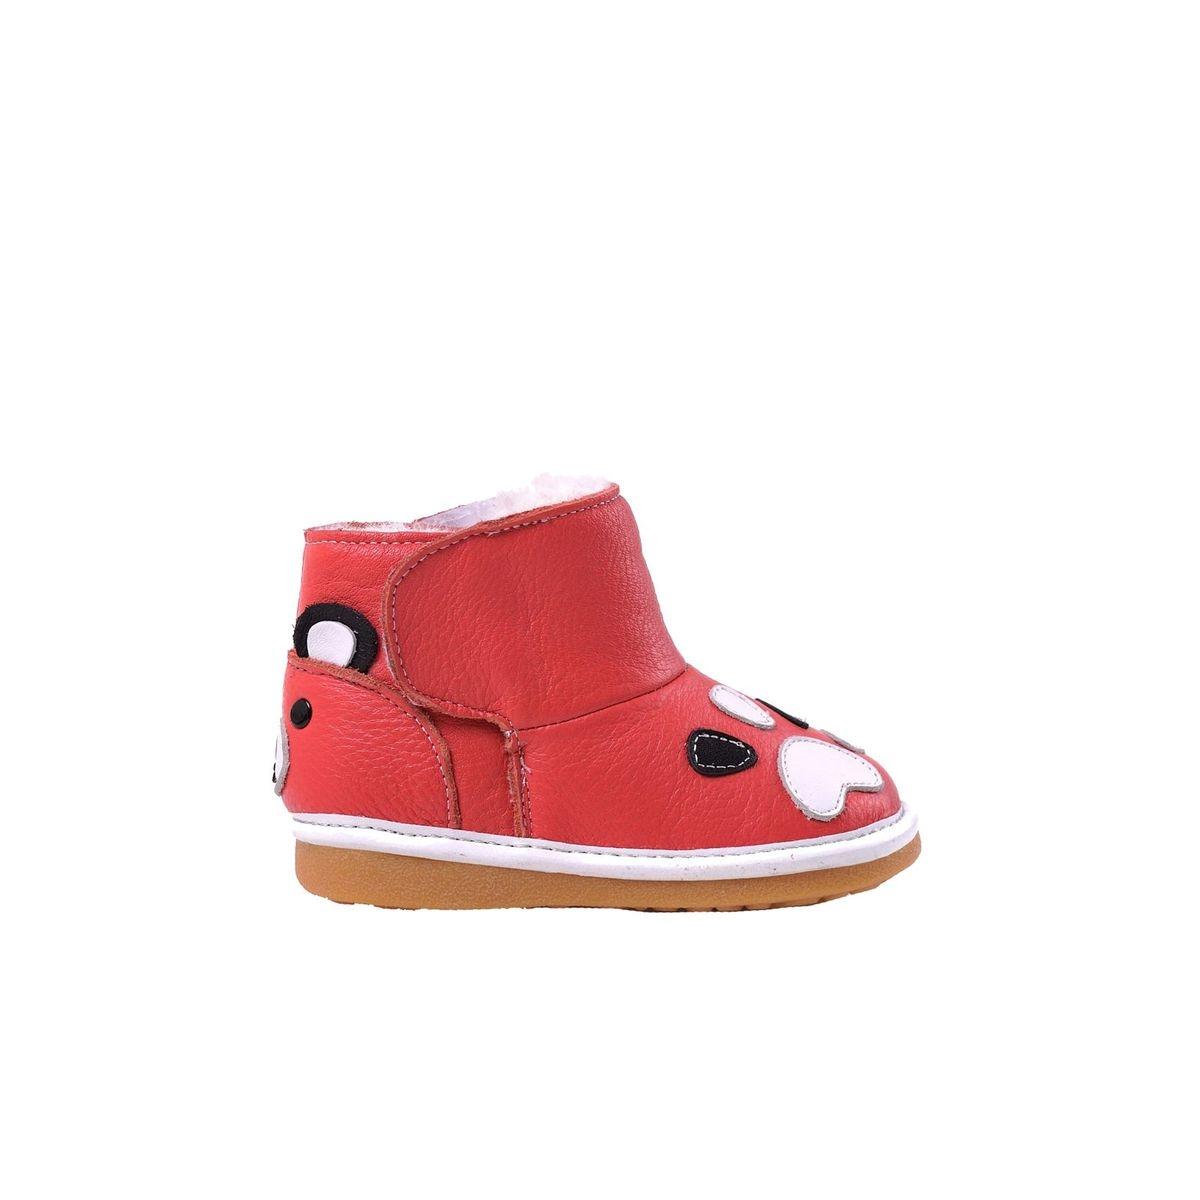 Chaussures semelle souple bottes fourrées